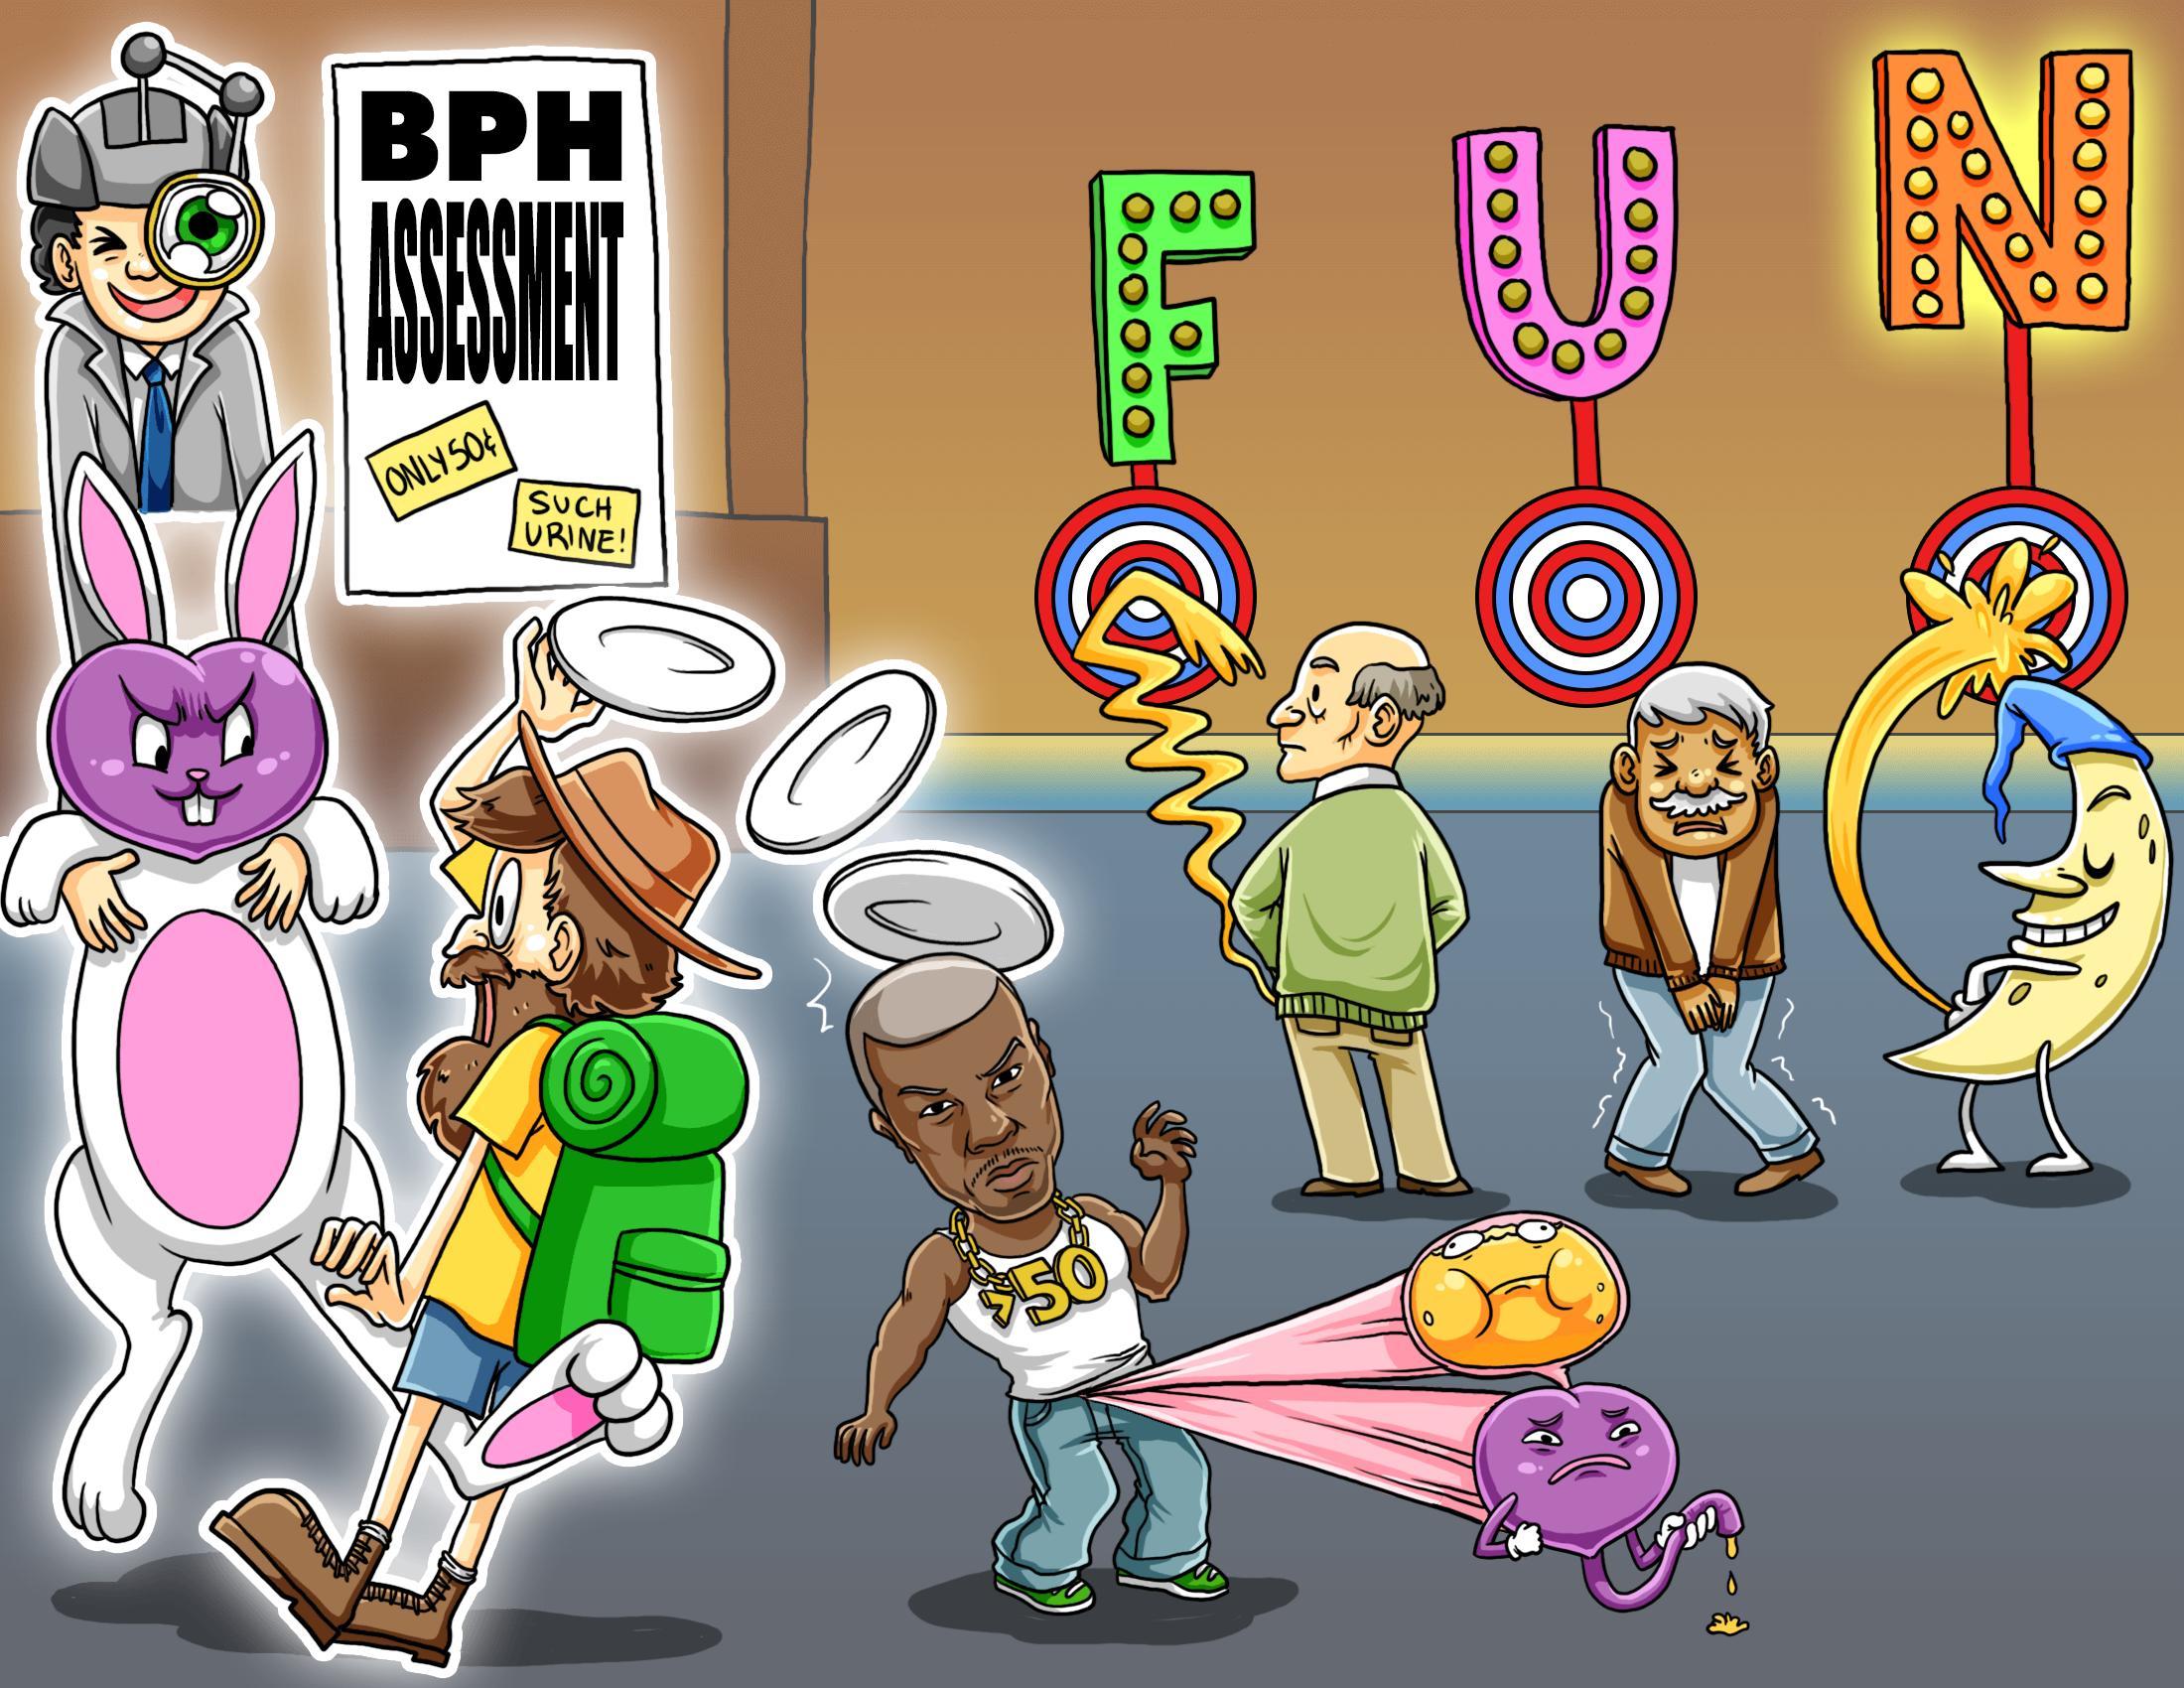 Benign Prostatic Hyperplasia (BPH) Assessment